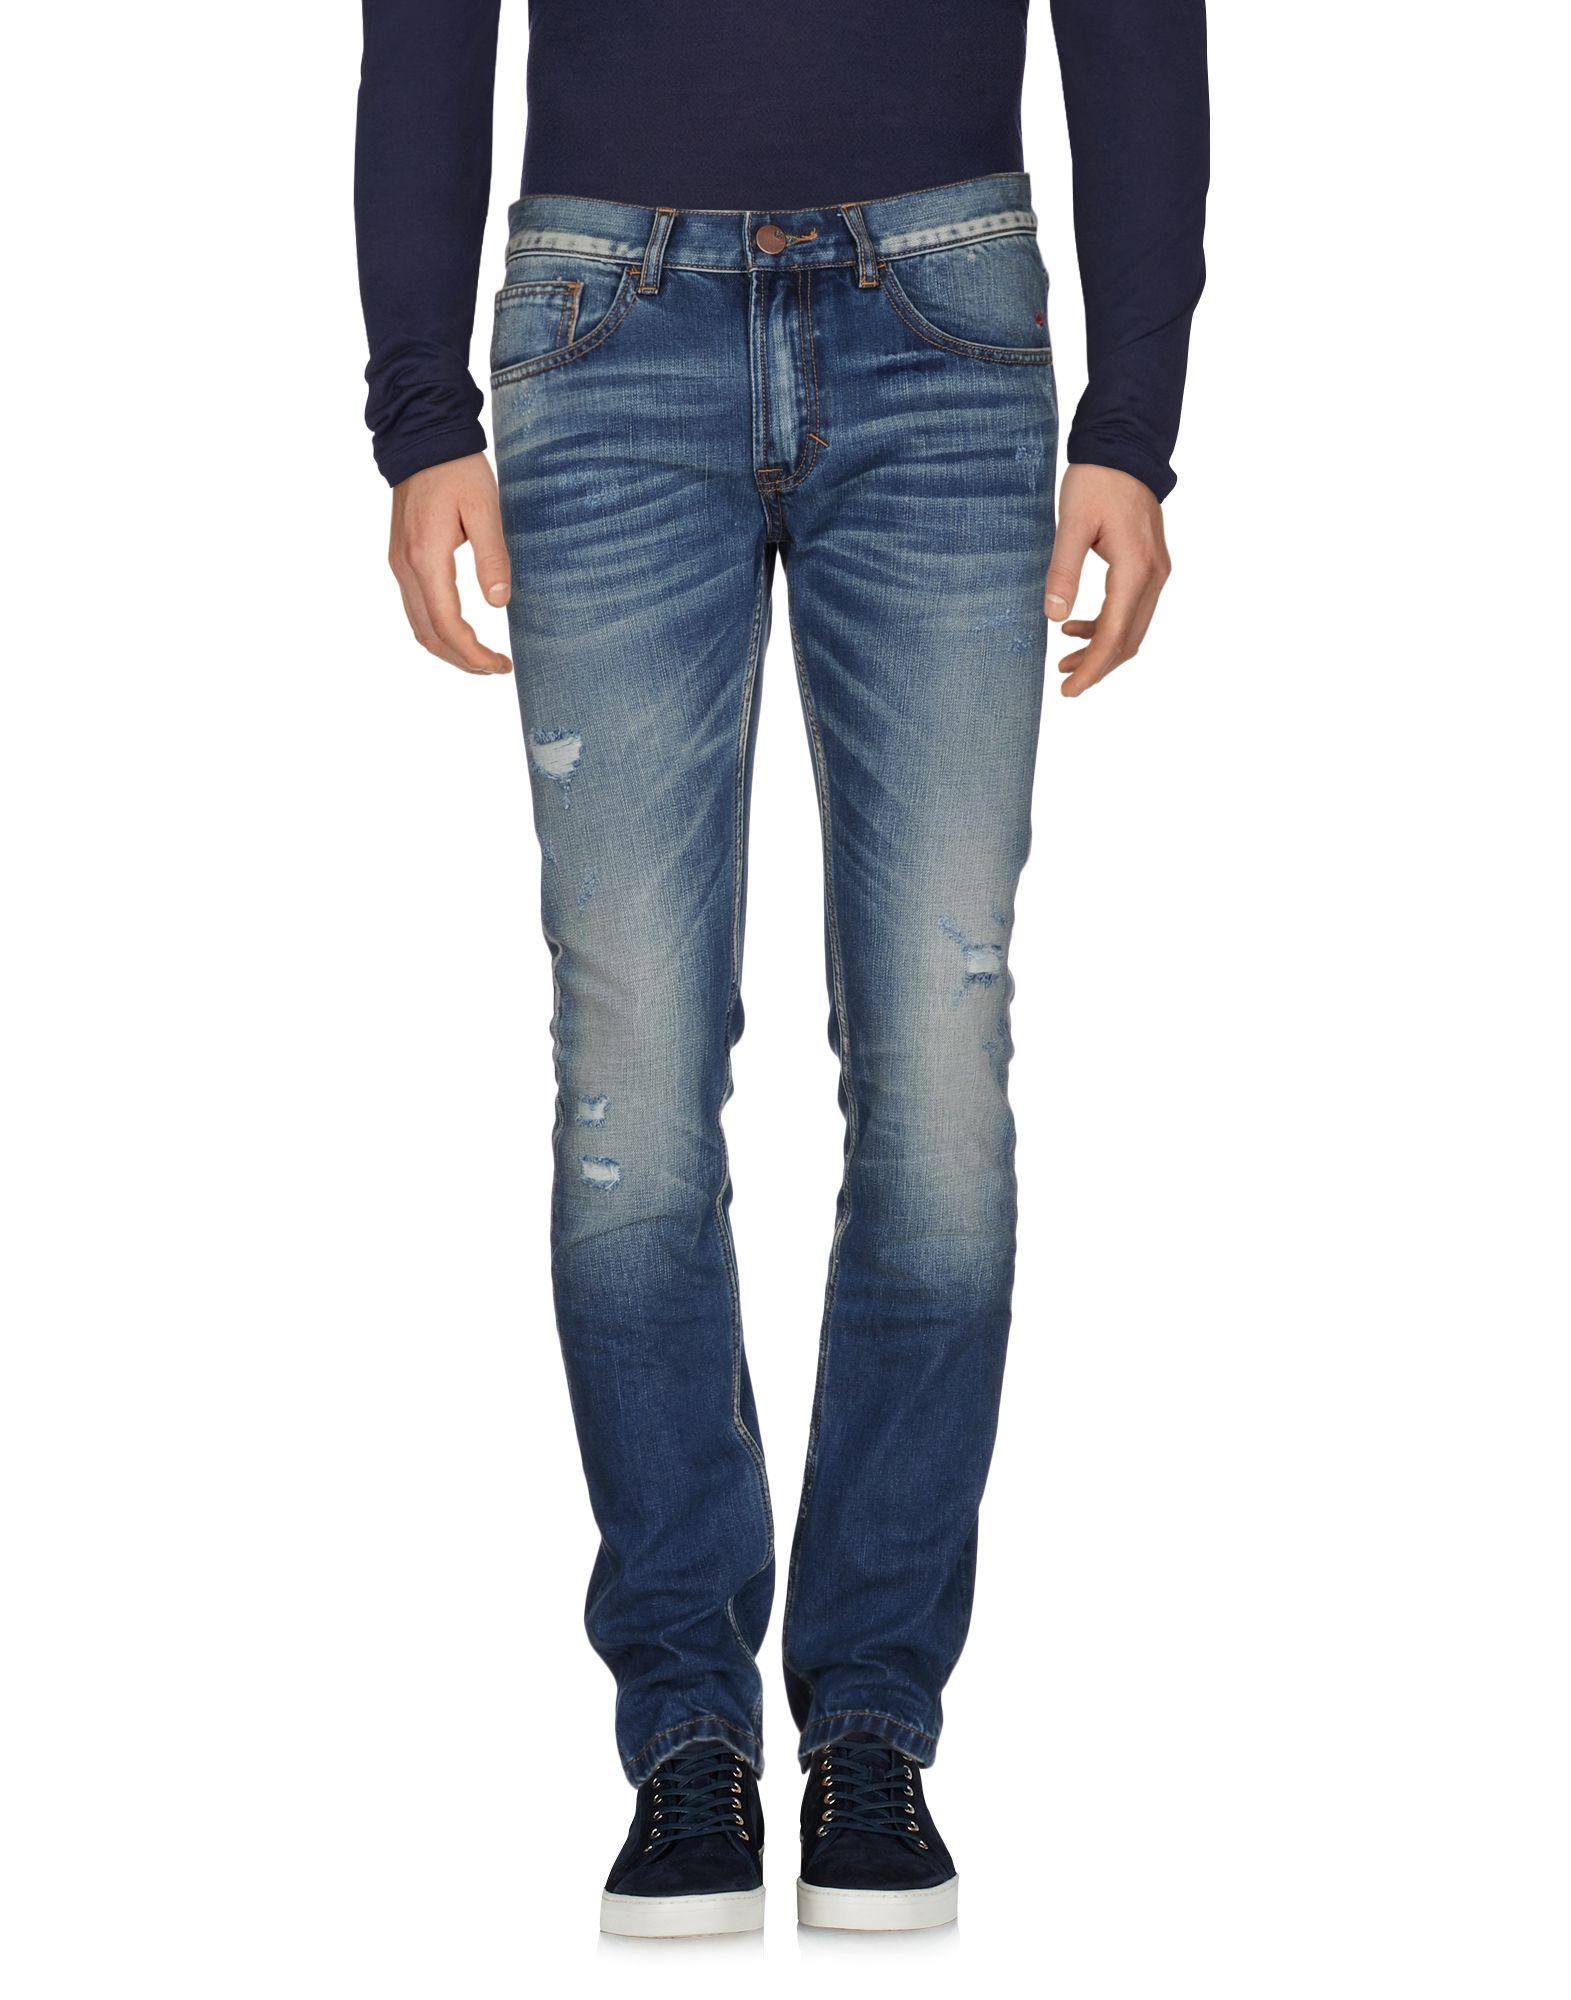 Pantaloni Jeans 42583276IU Sun 68 Uomo - 42583276IU Jeans 4e1713